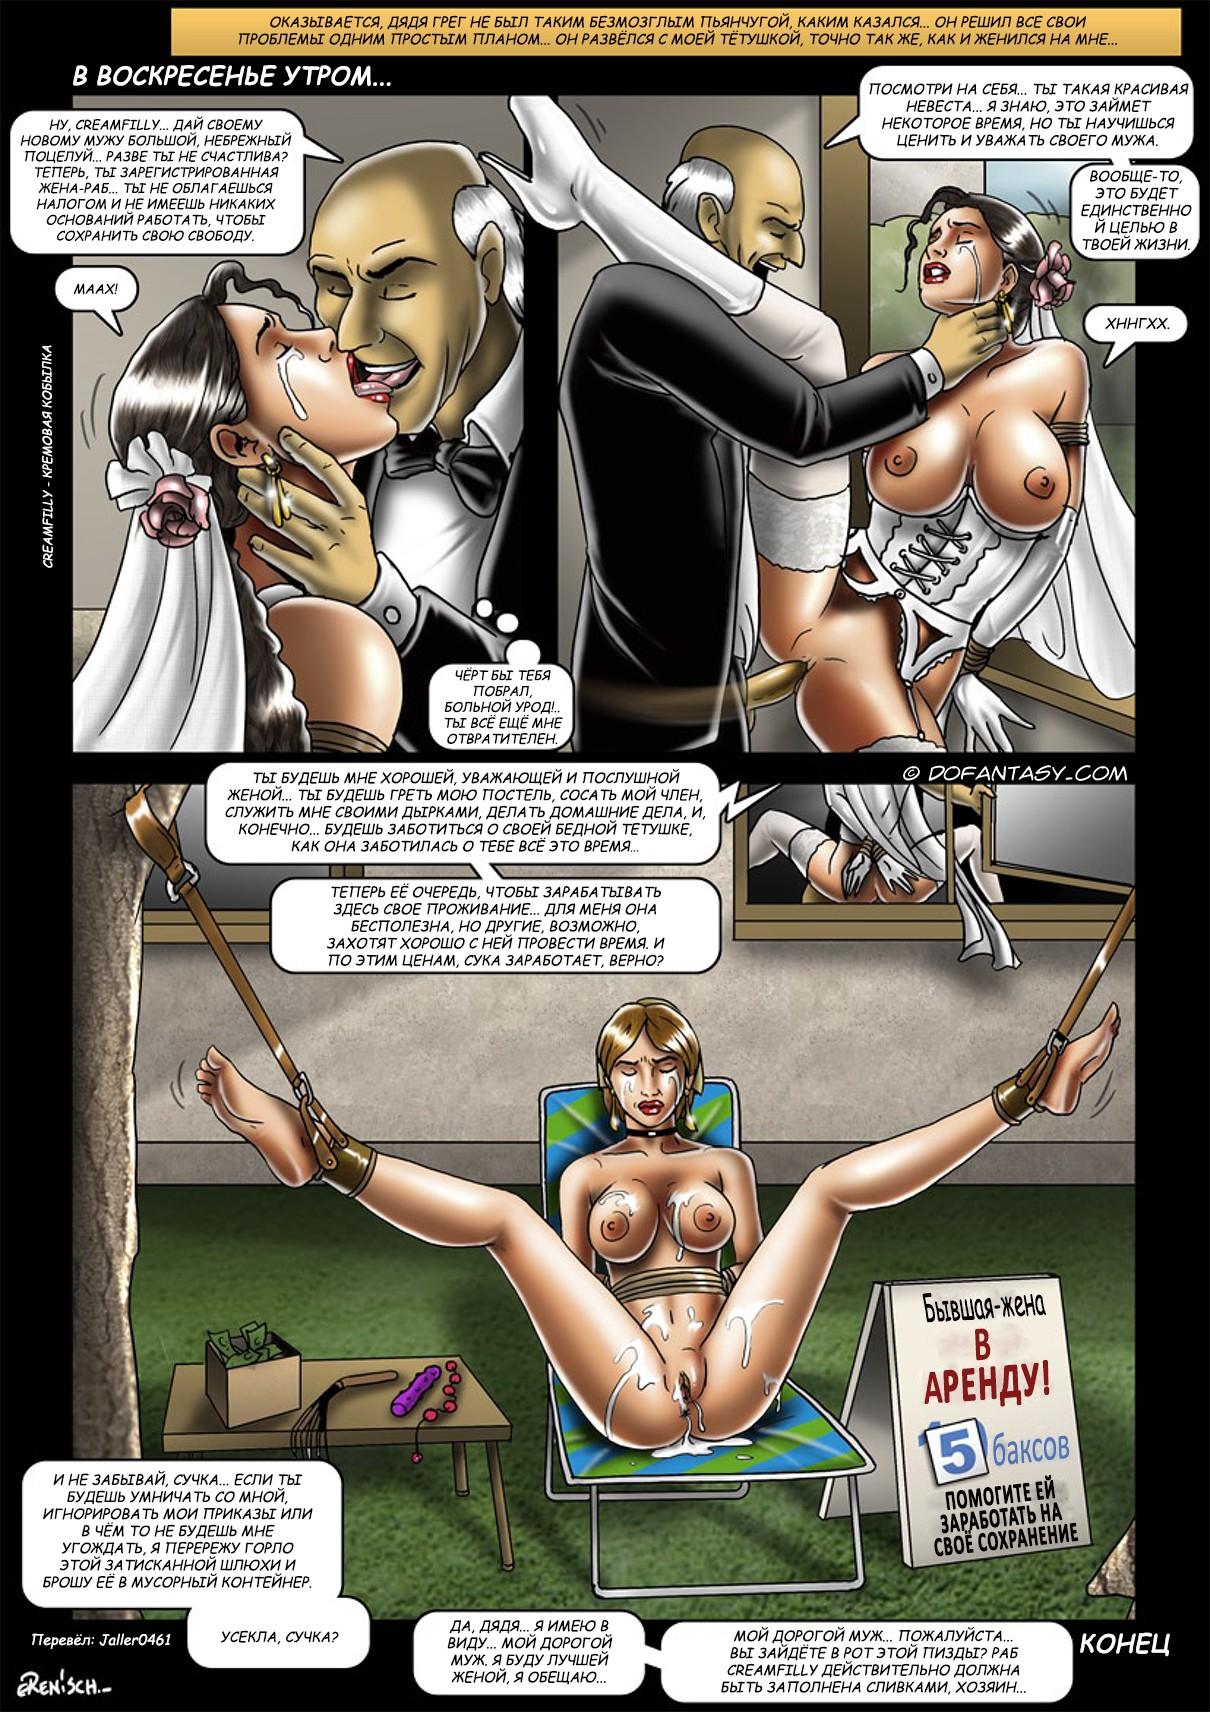 Проститутку унизили в рот читать рассказ